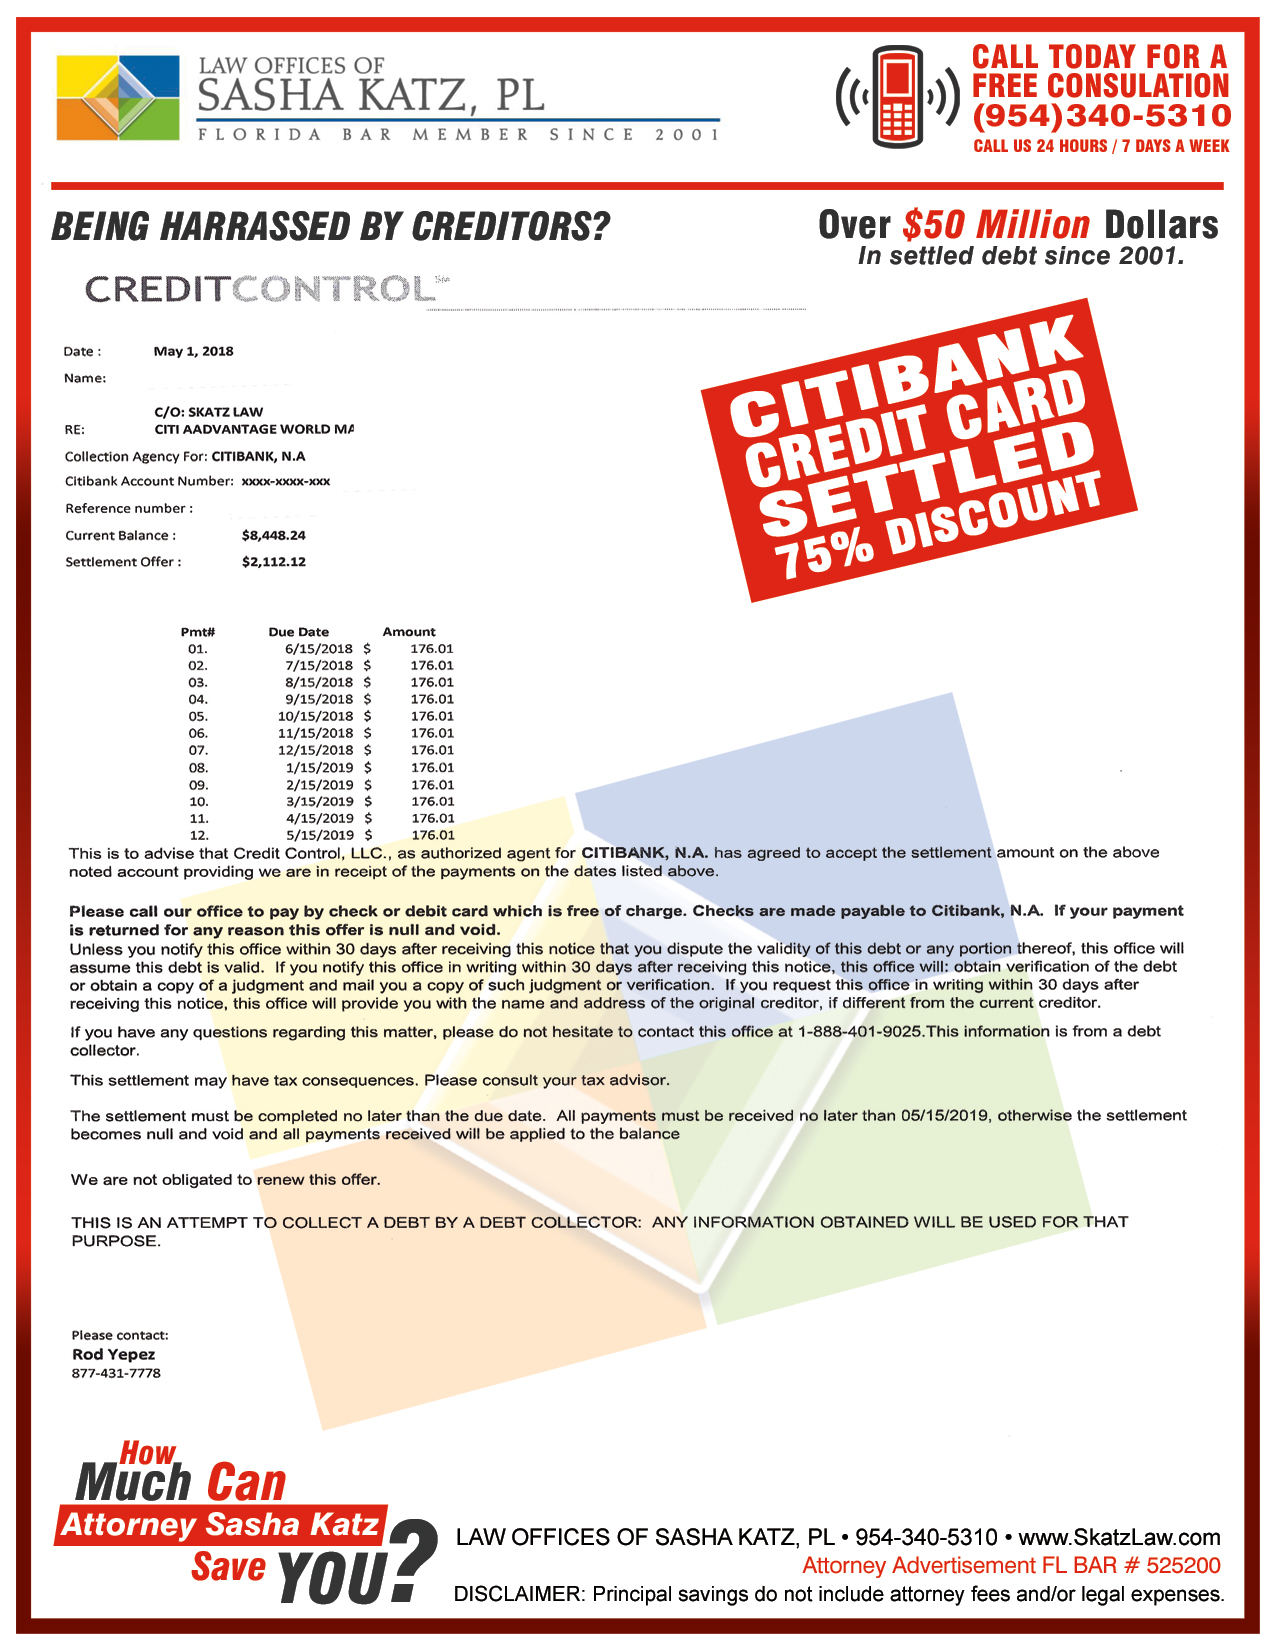 settlement_letter43_2020